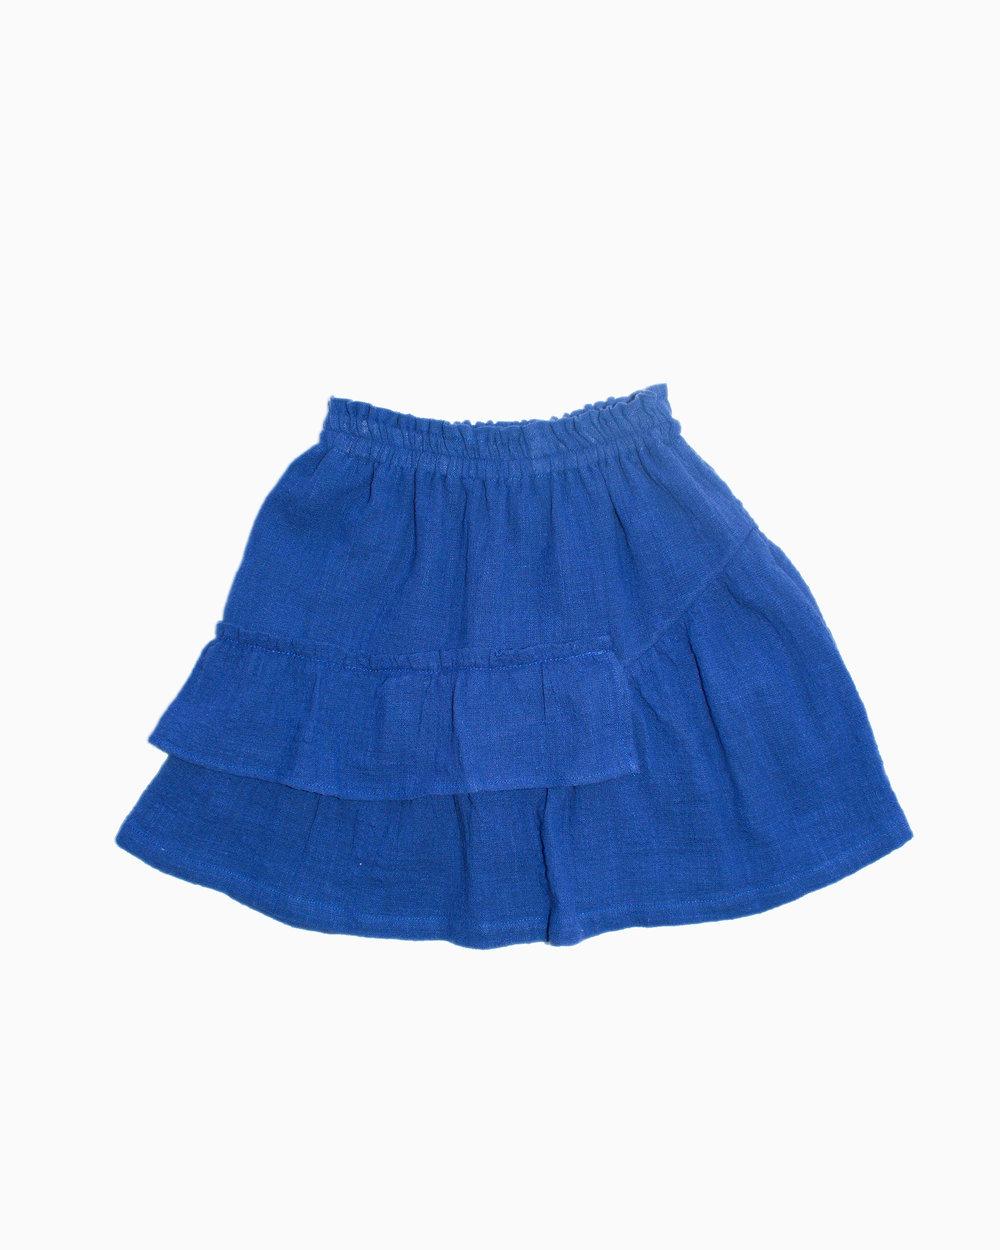 deep blue skirt